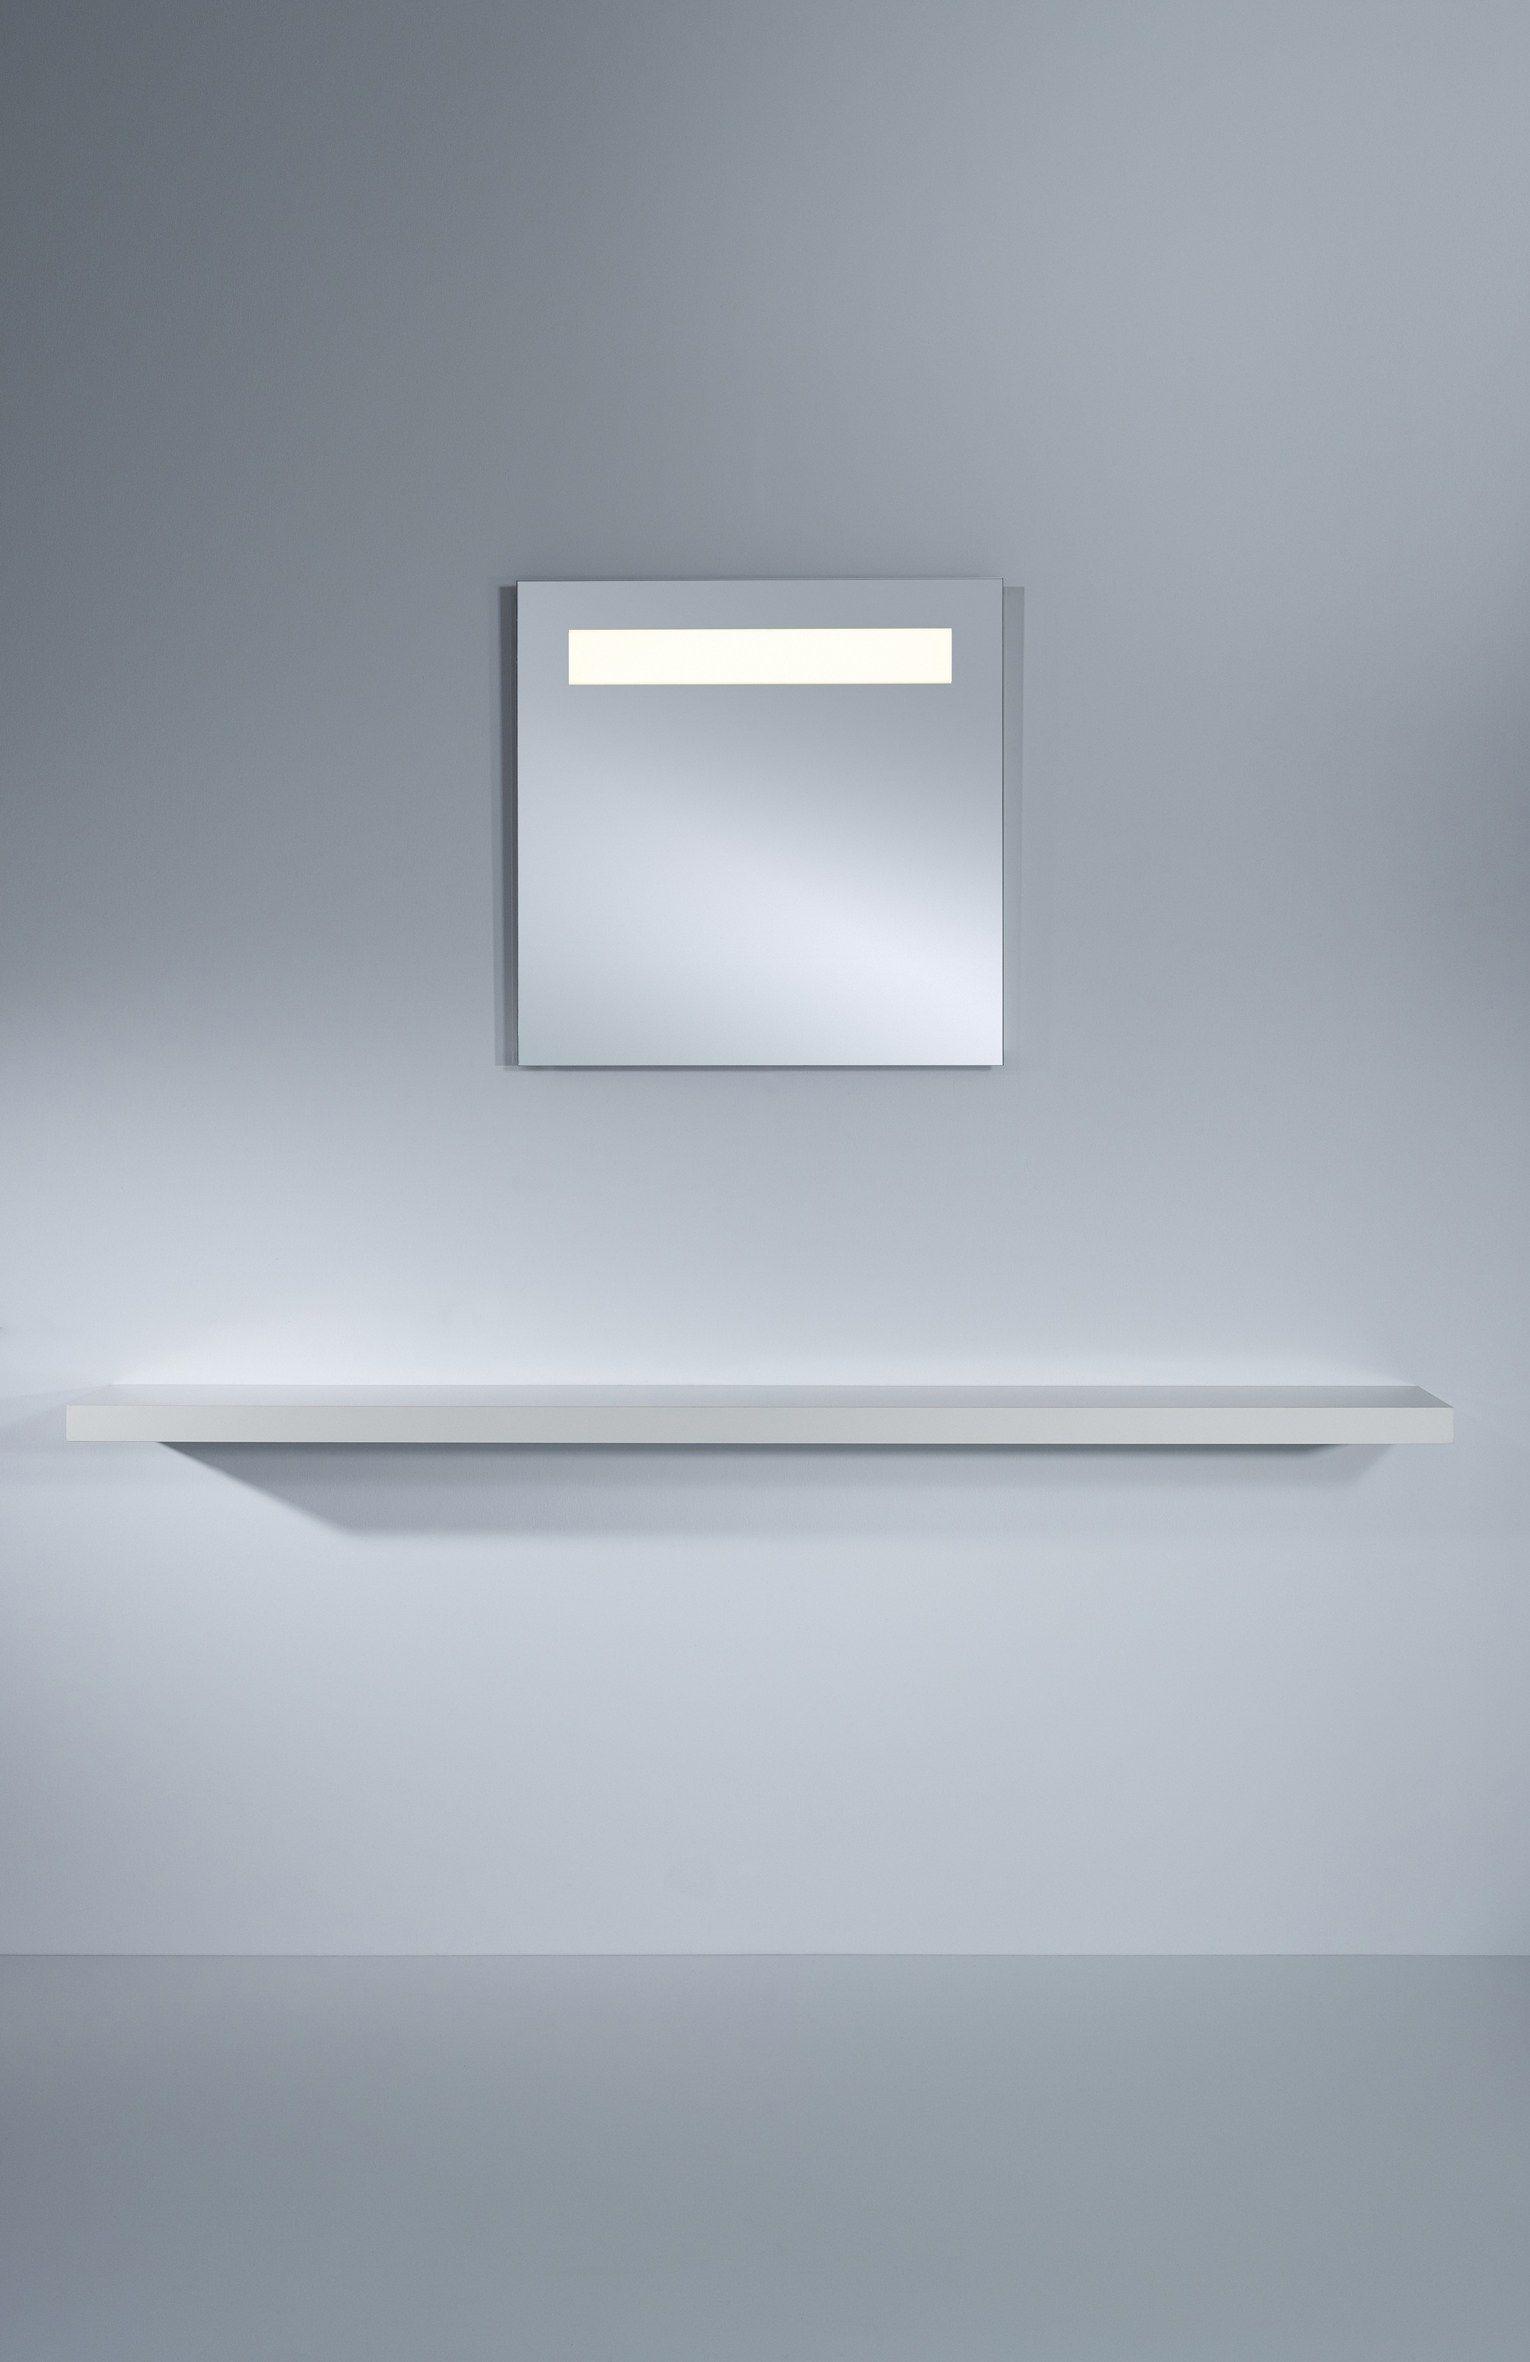 Specchio A Parete Con Illuminazione Integrata B Pure By